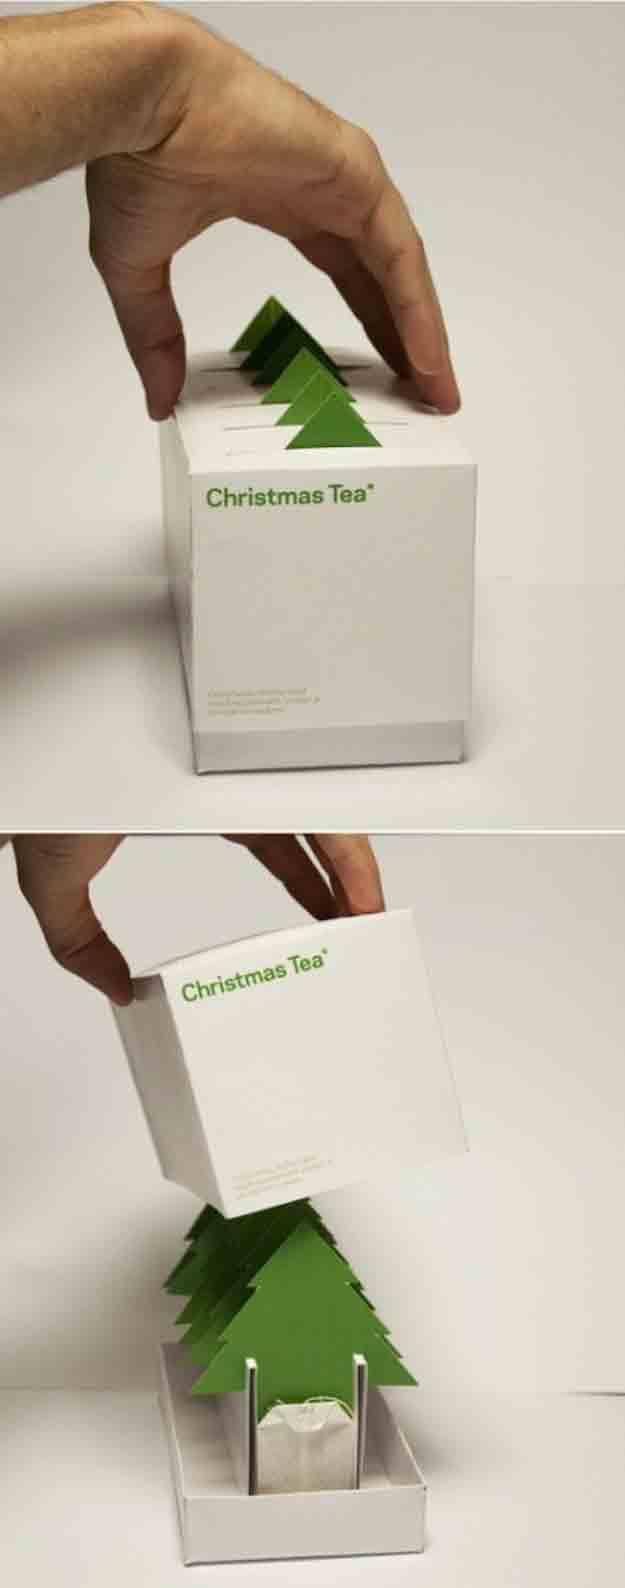 6-productos-con-packaging-impresionantes-el-tarro-de-ideas